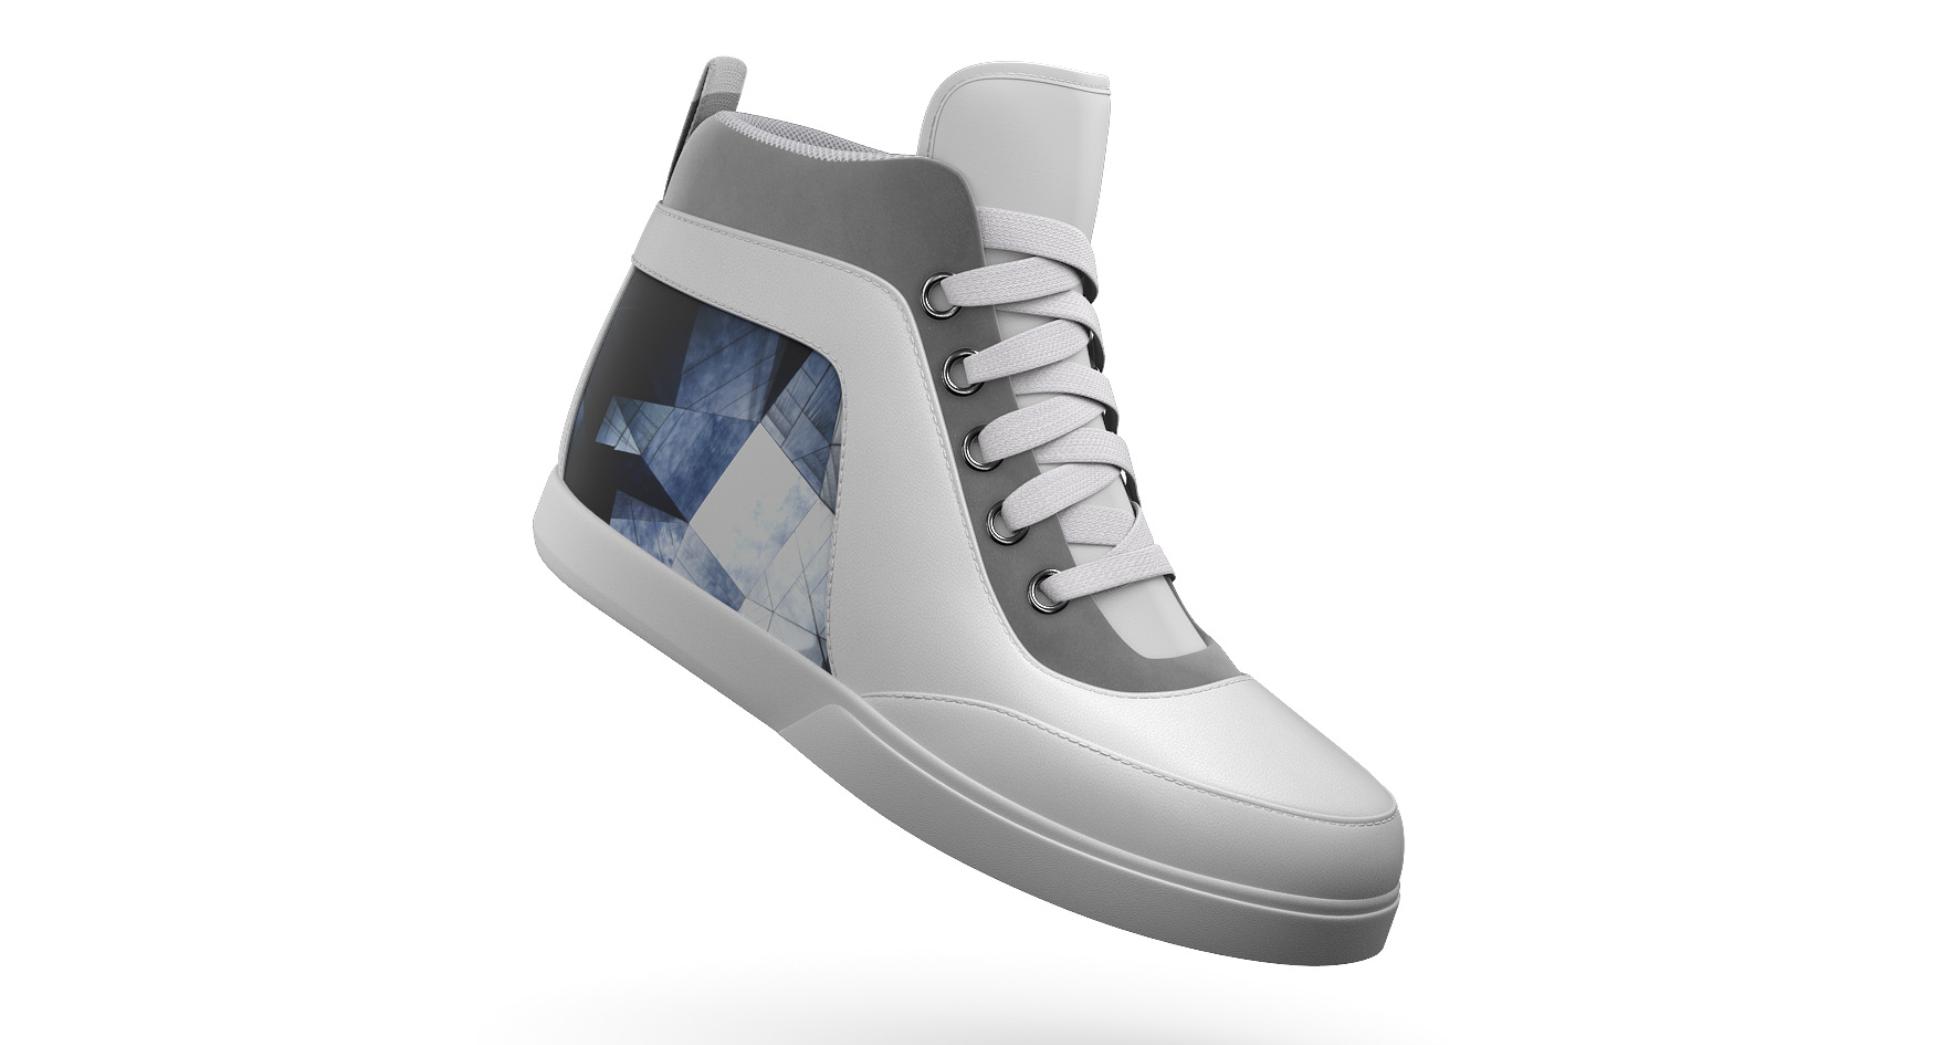 索尼 New Balance 合力造了双墨水屏运动鞋,穿上它你就是最拉风的时尚达人